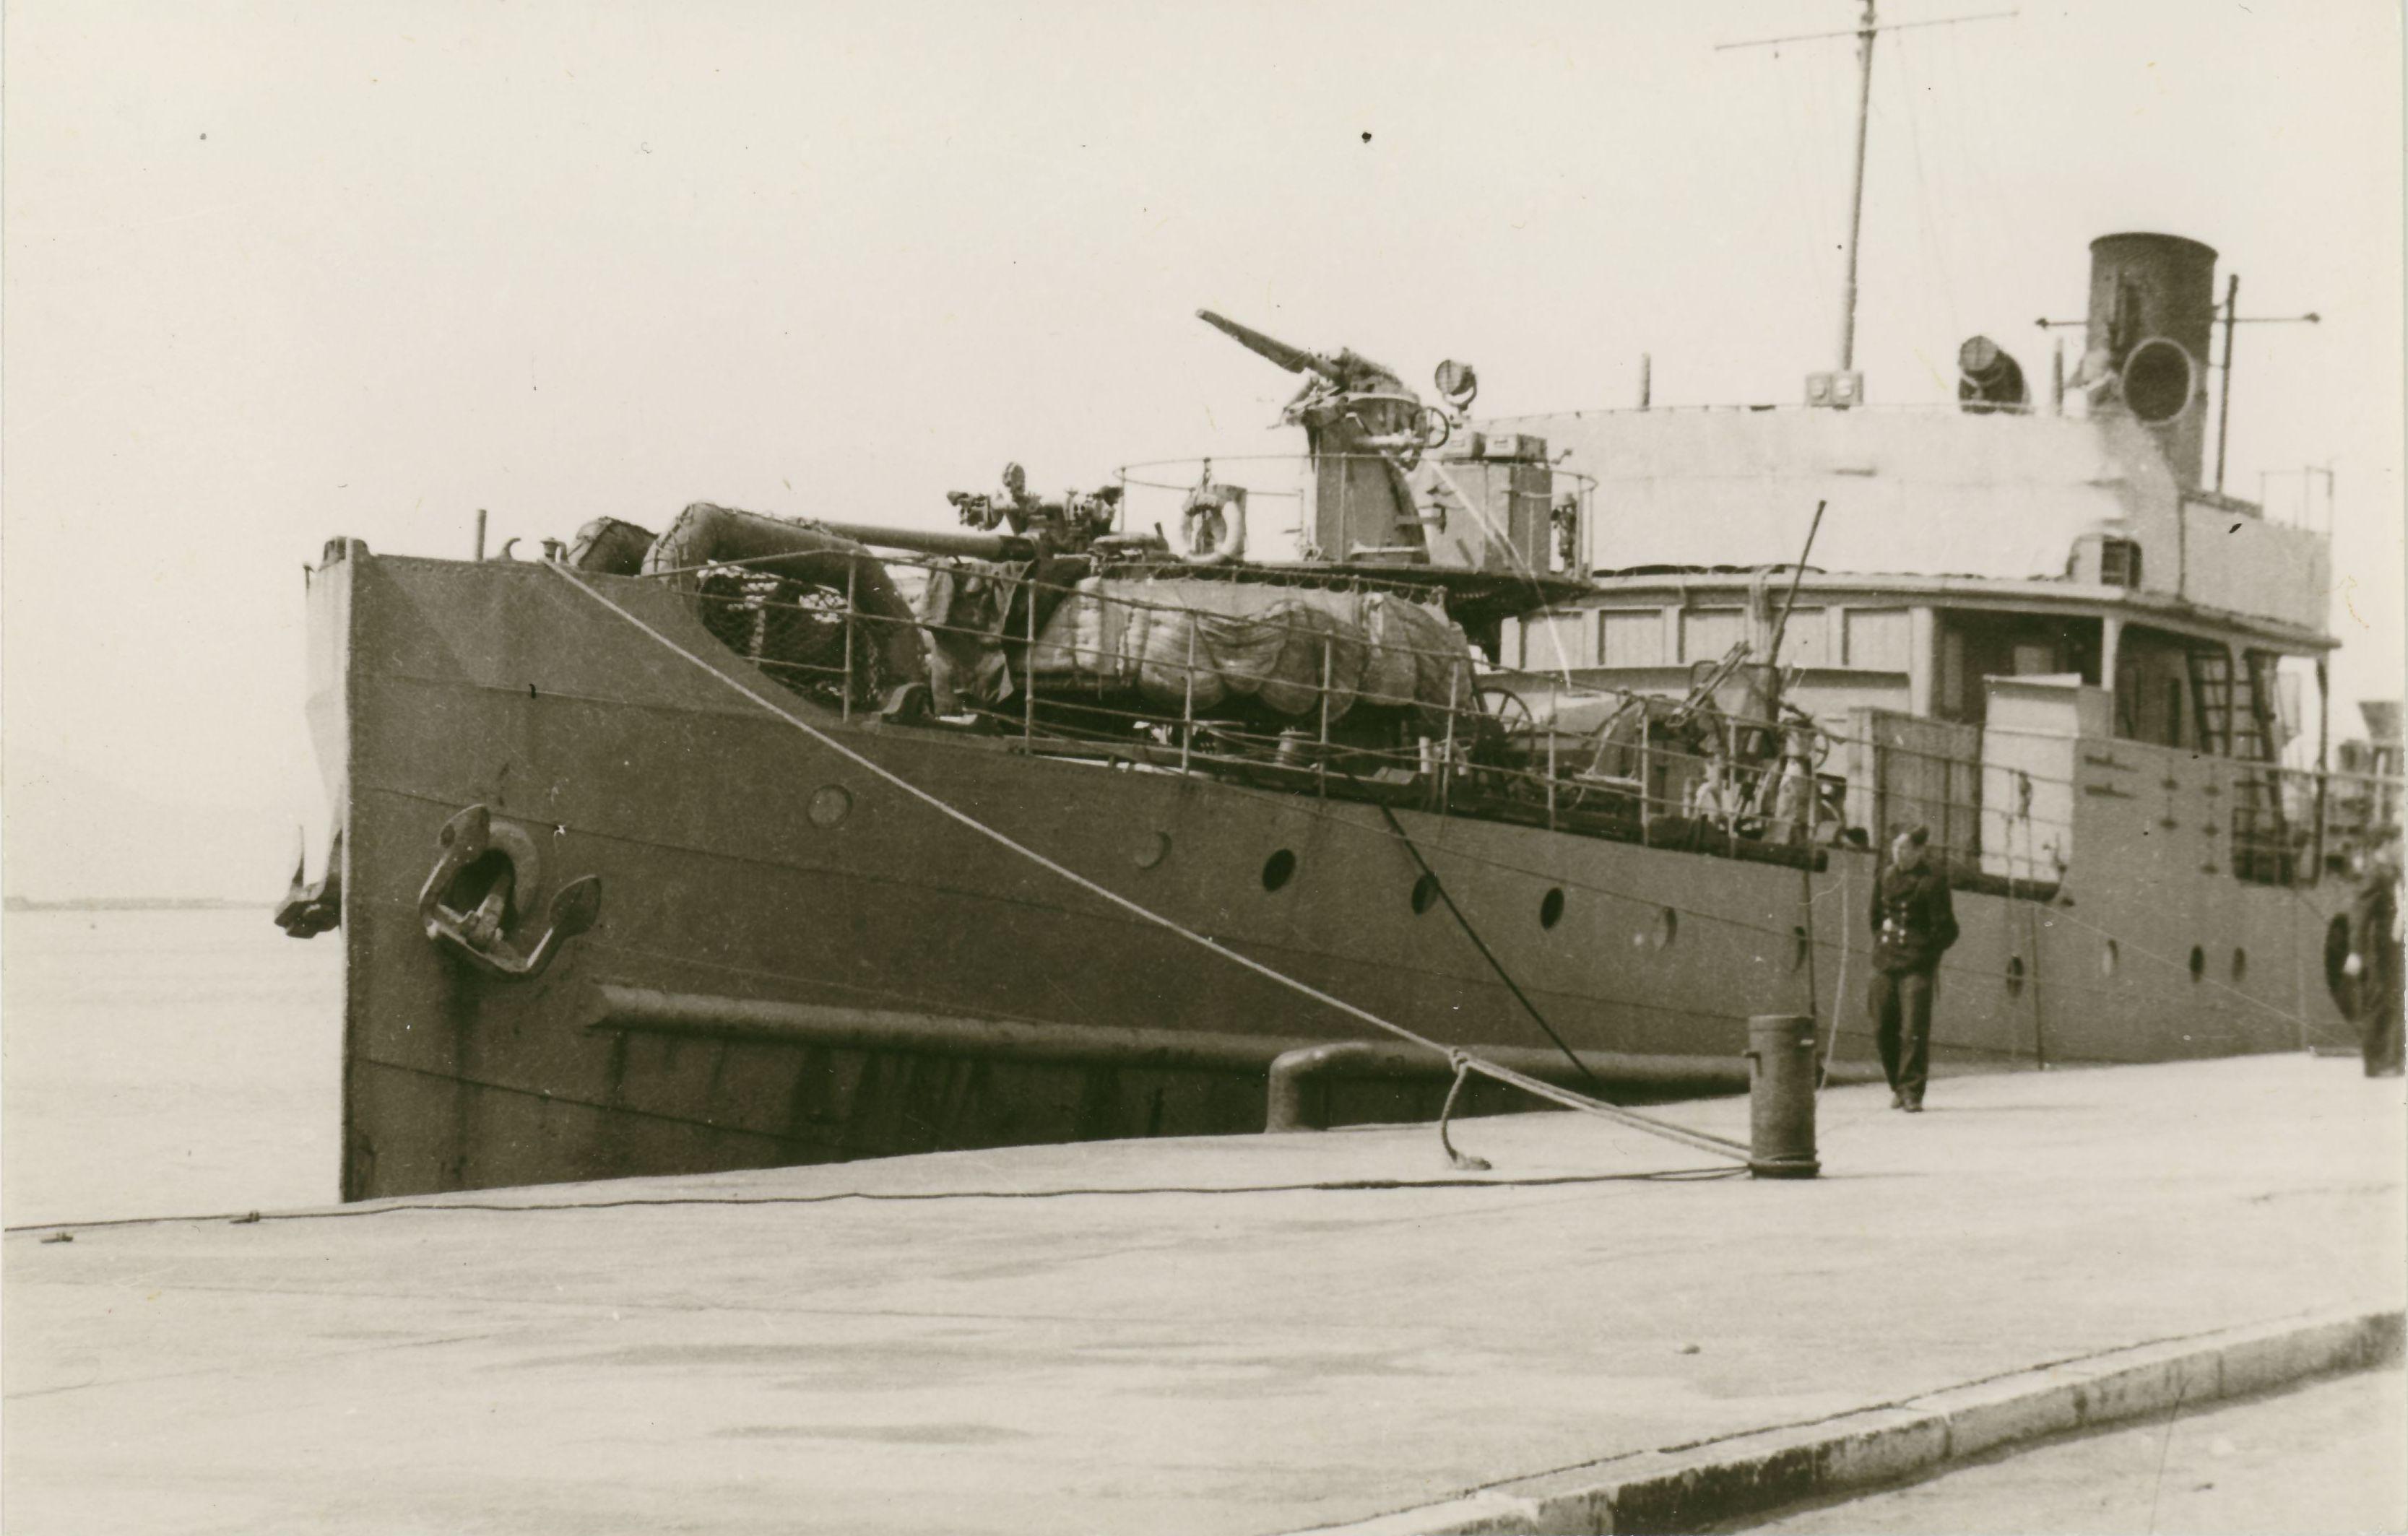 Το πλοίο που εμβόλισε και βύθισε το Υ-1